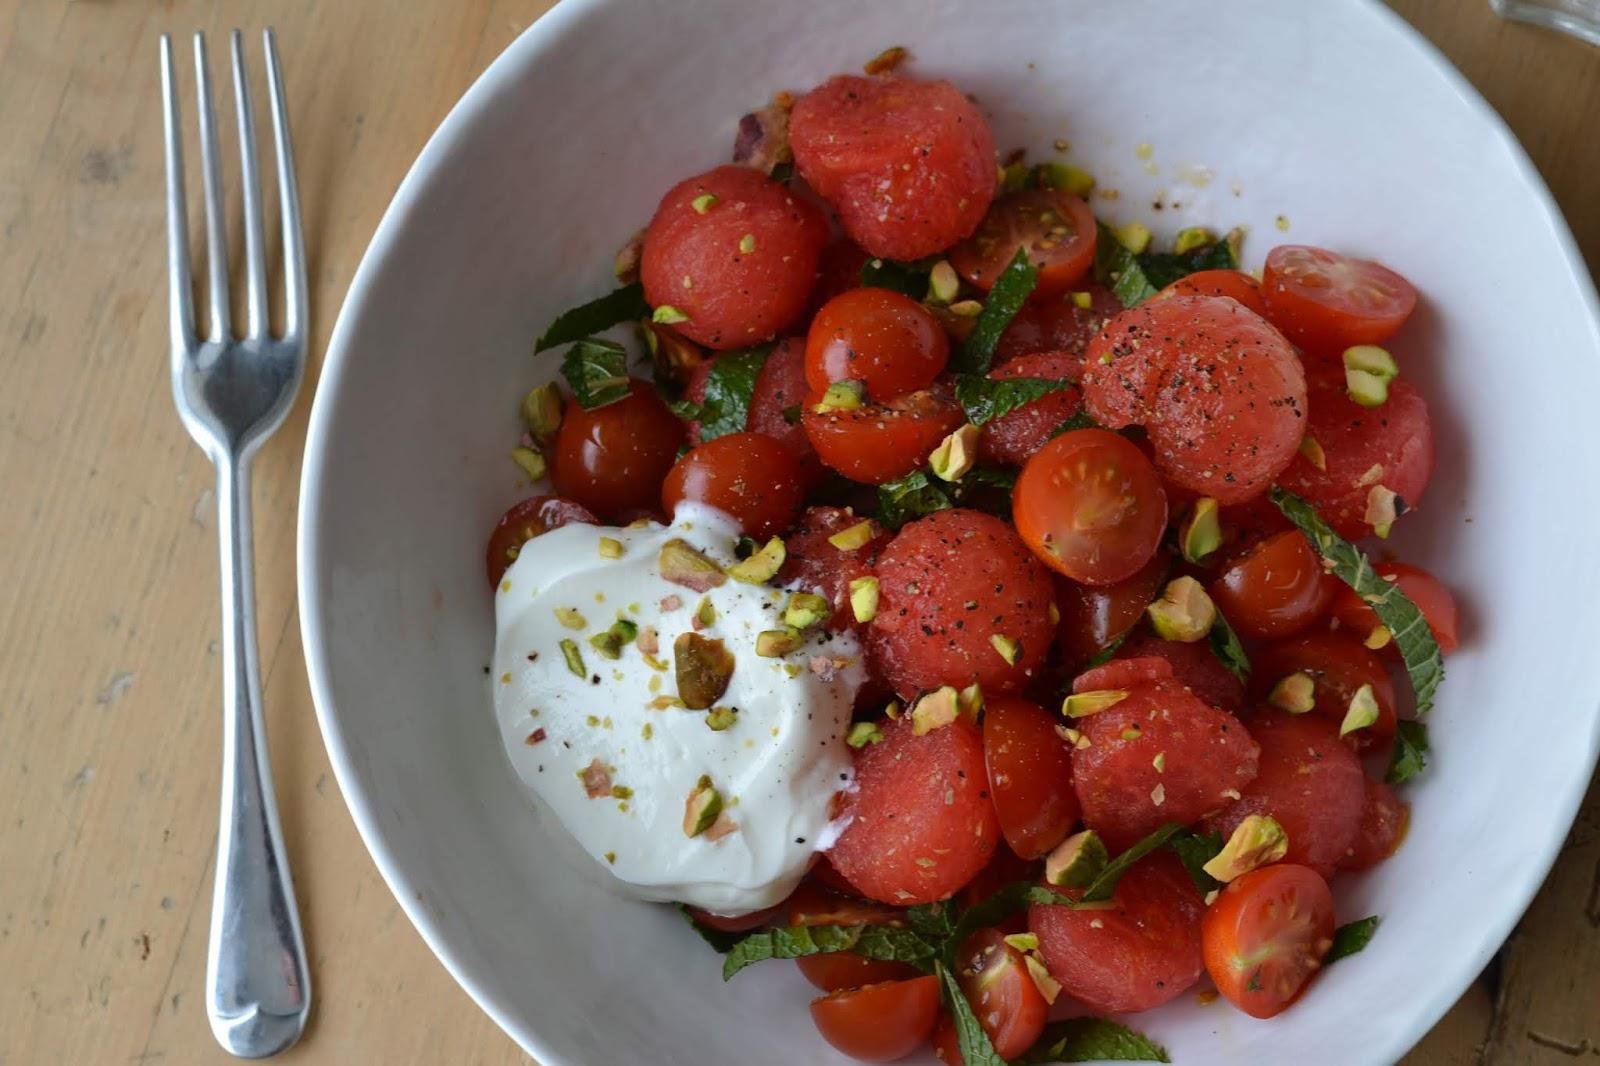 Piccolo cherry tomato, watermelon and mint salad